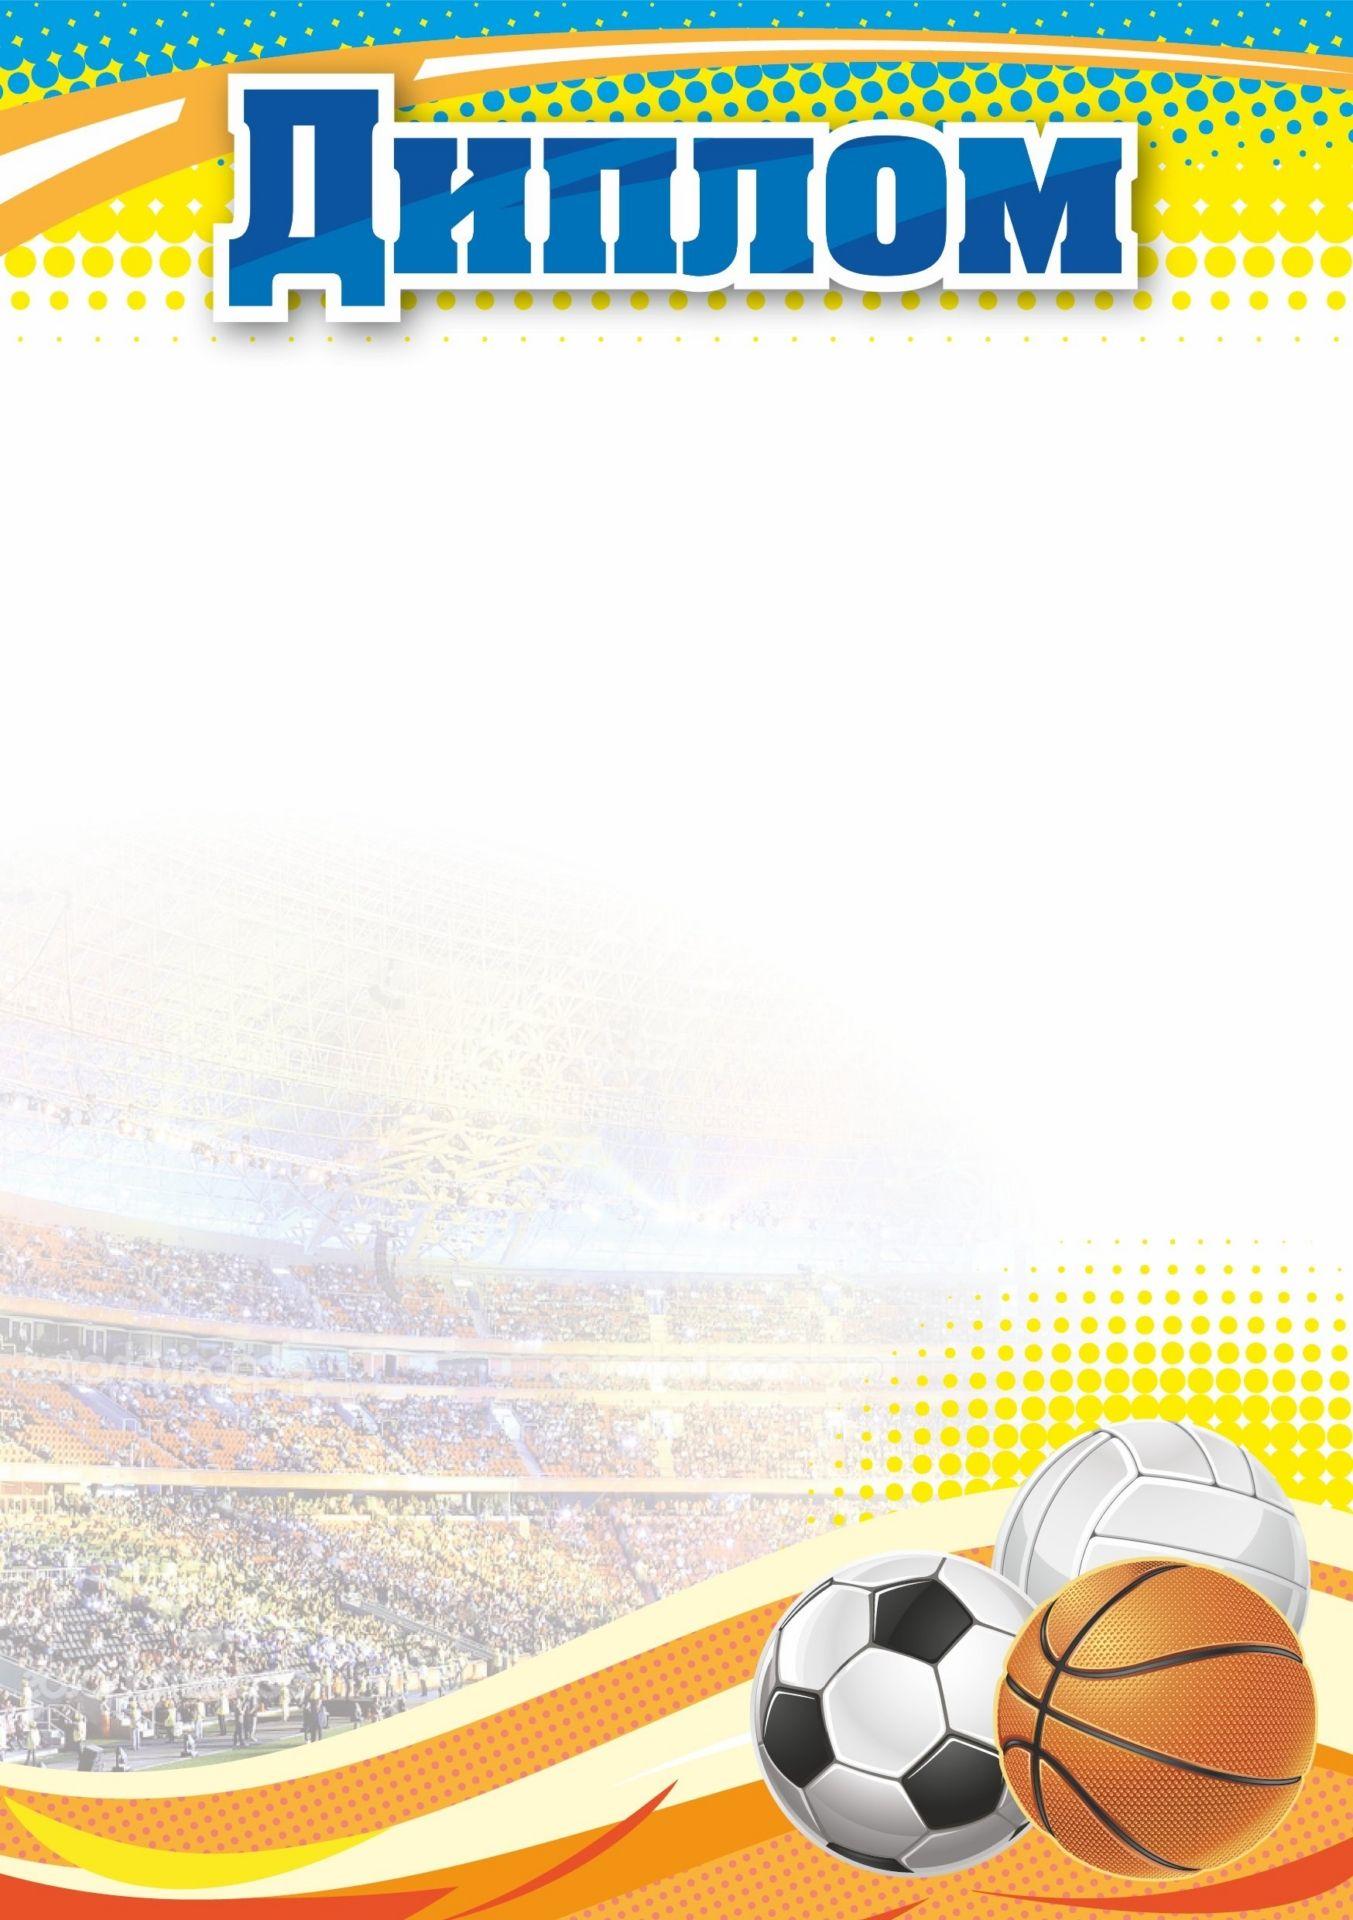 Диплом (спорт)За спортивные достижения<br>Материалы:на обложку - бумага мелованная, пл. 250.00.<br><br>Год: 2017<br>Высота: 210<br>Ширина: 148